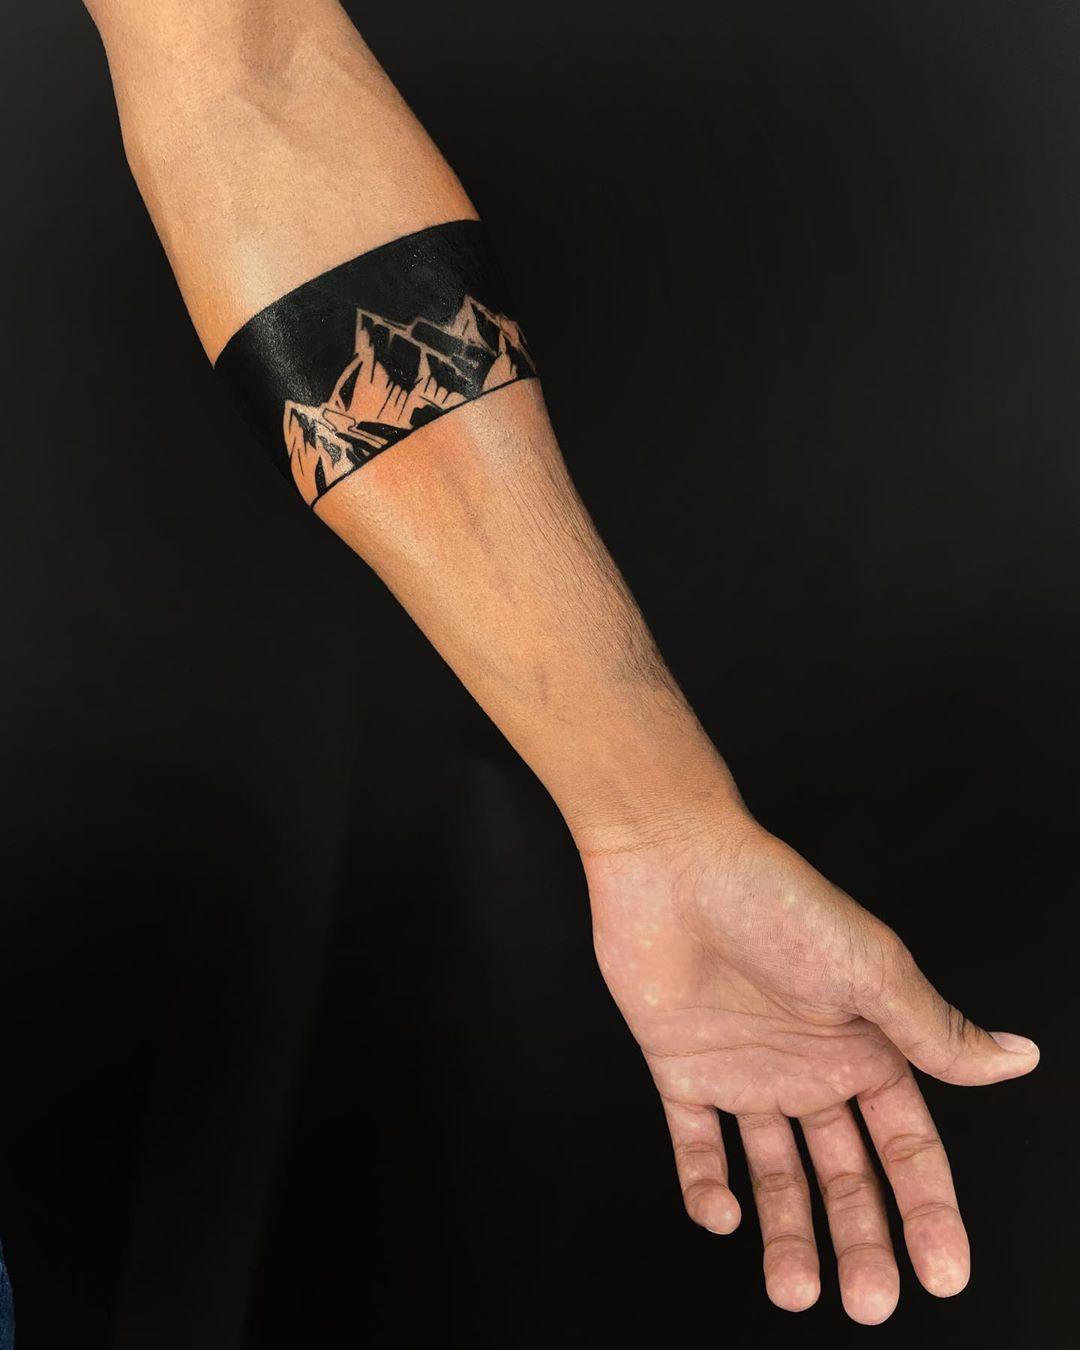 band-tattoo-style